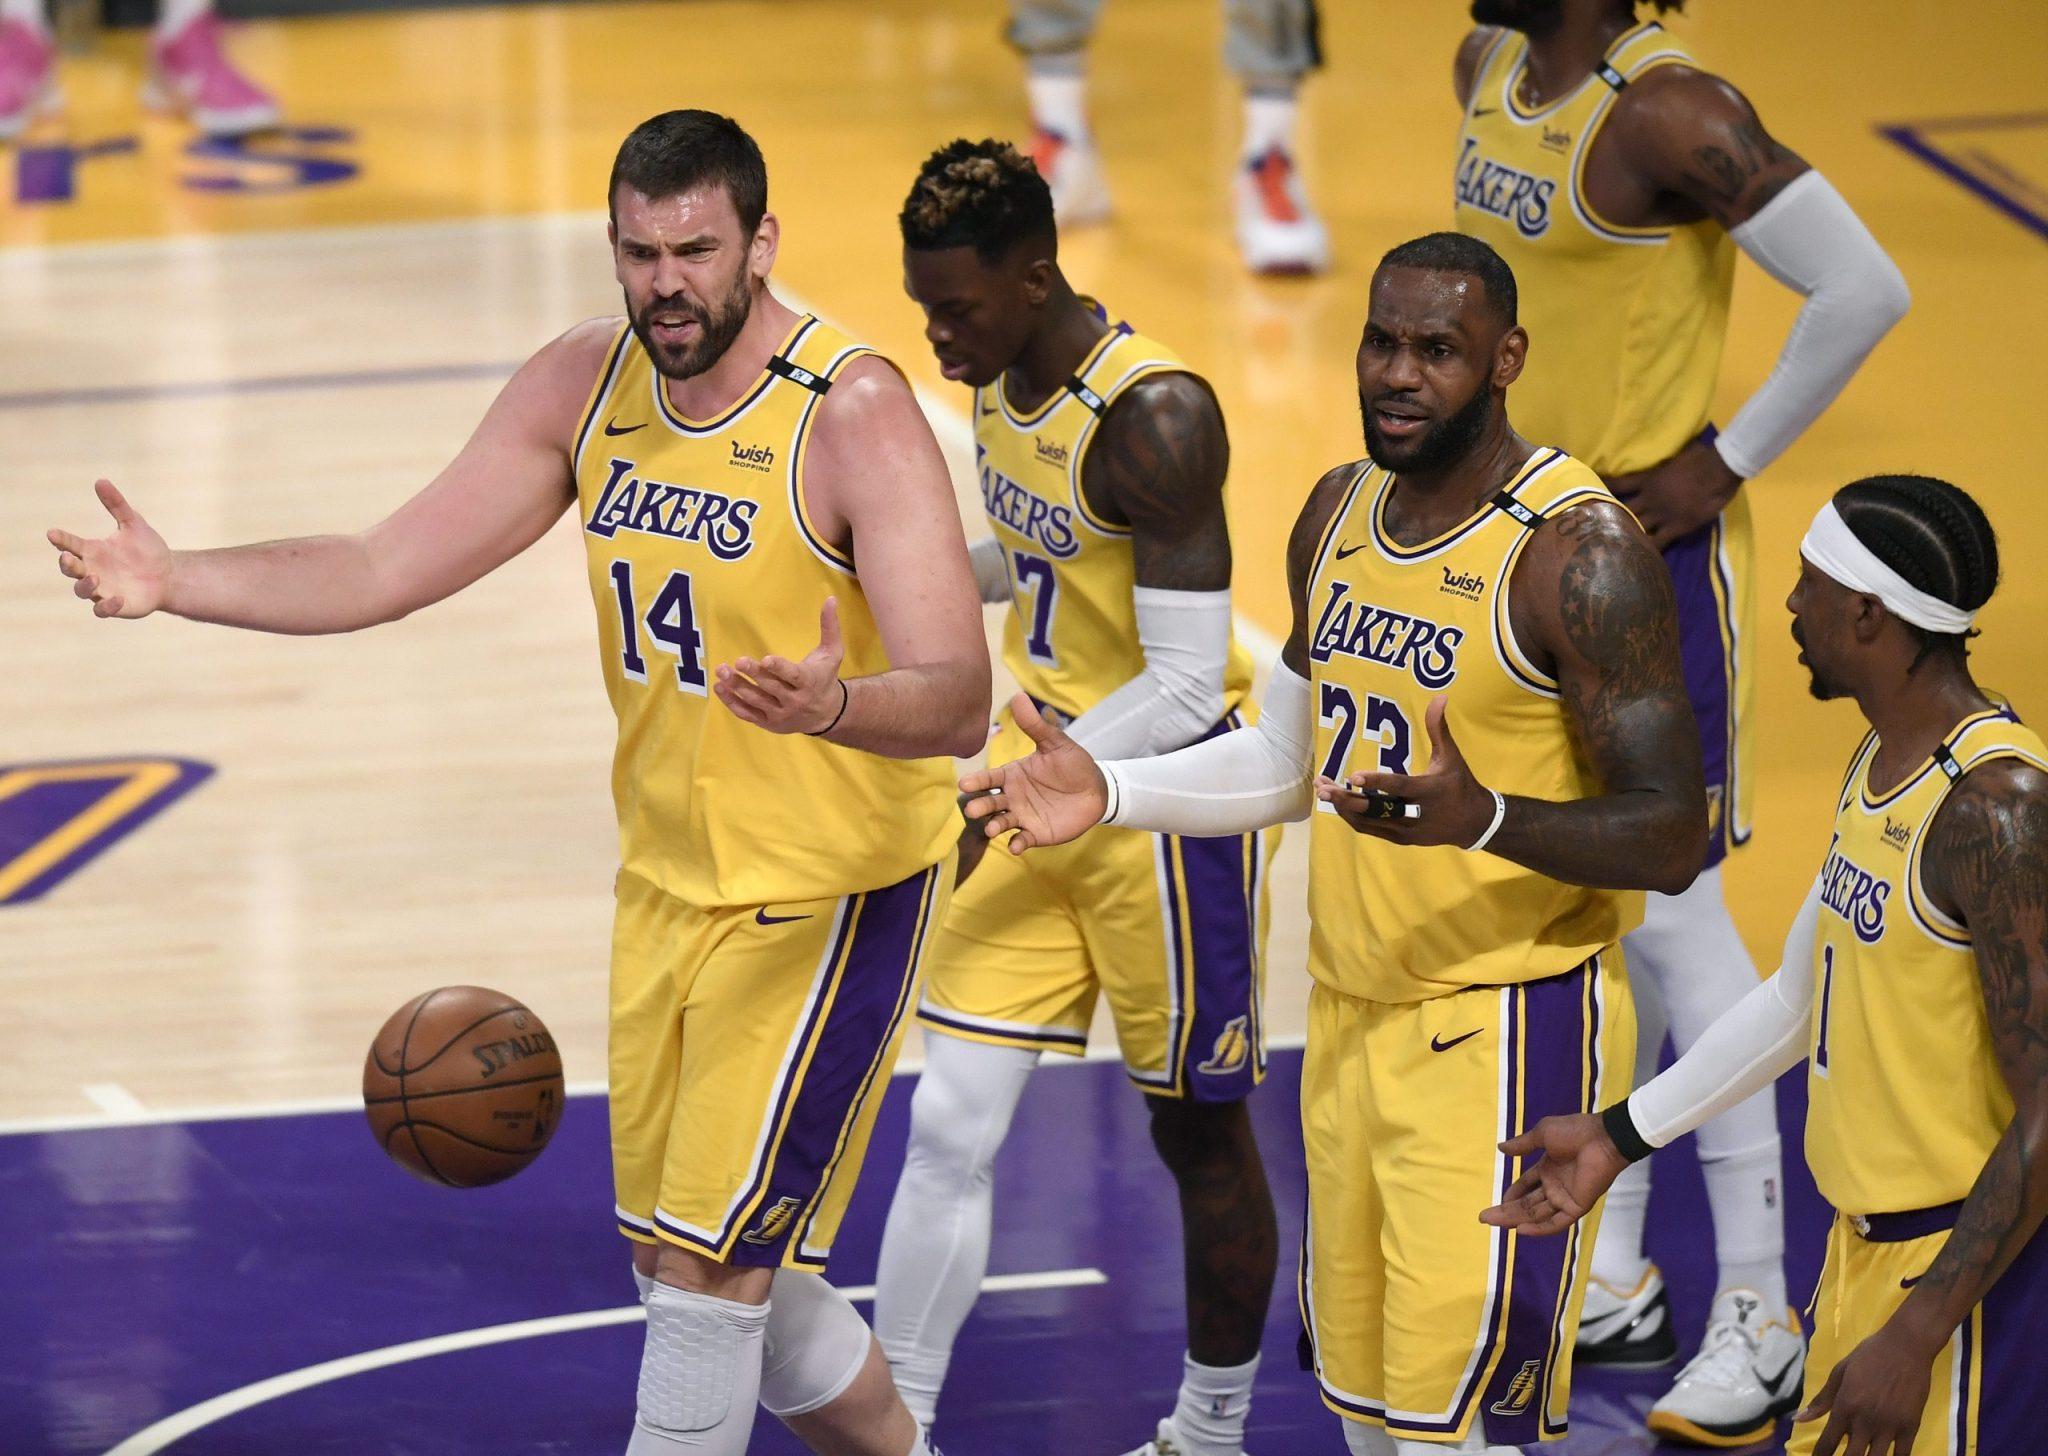 Lakers, eliminados. Los Suns dejan fuera a los actuales campeones